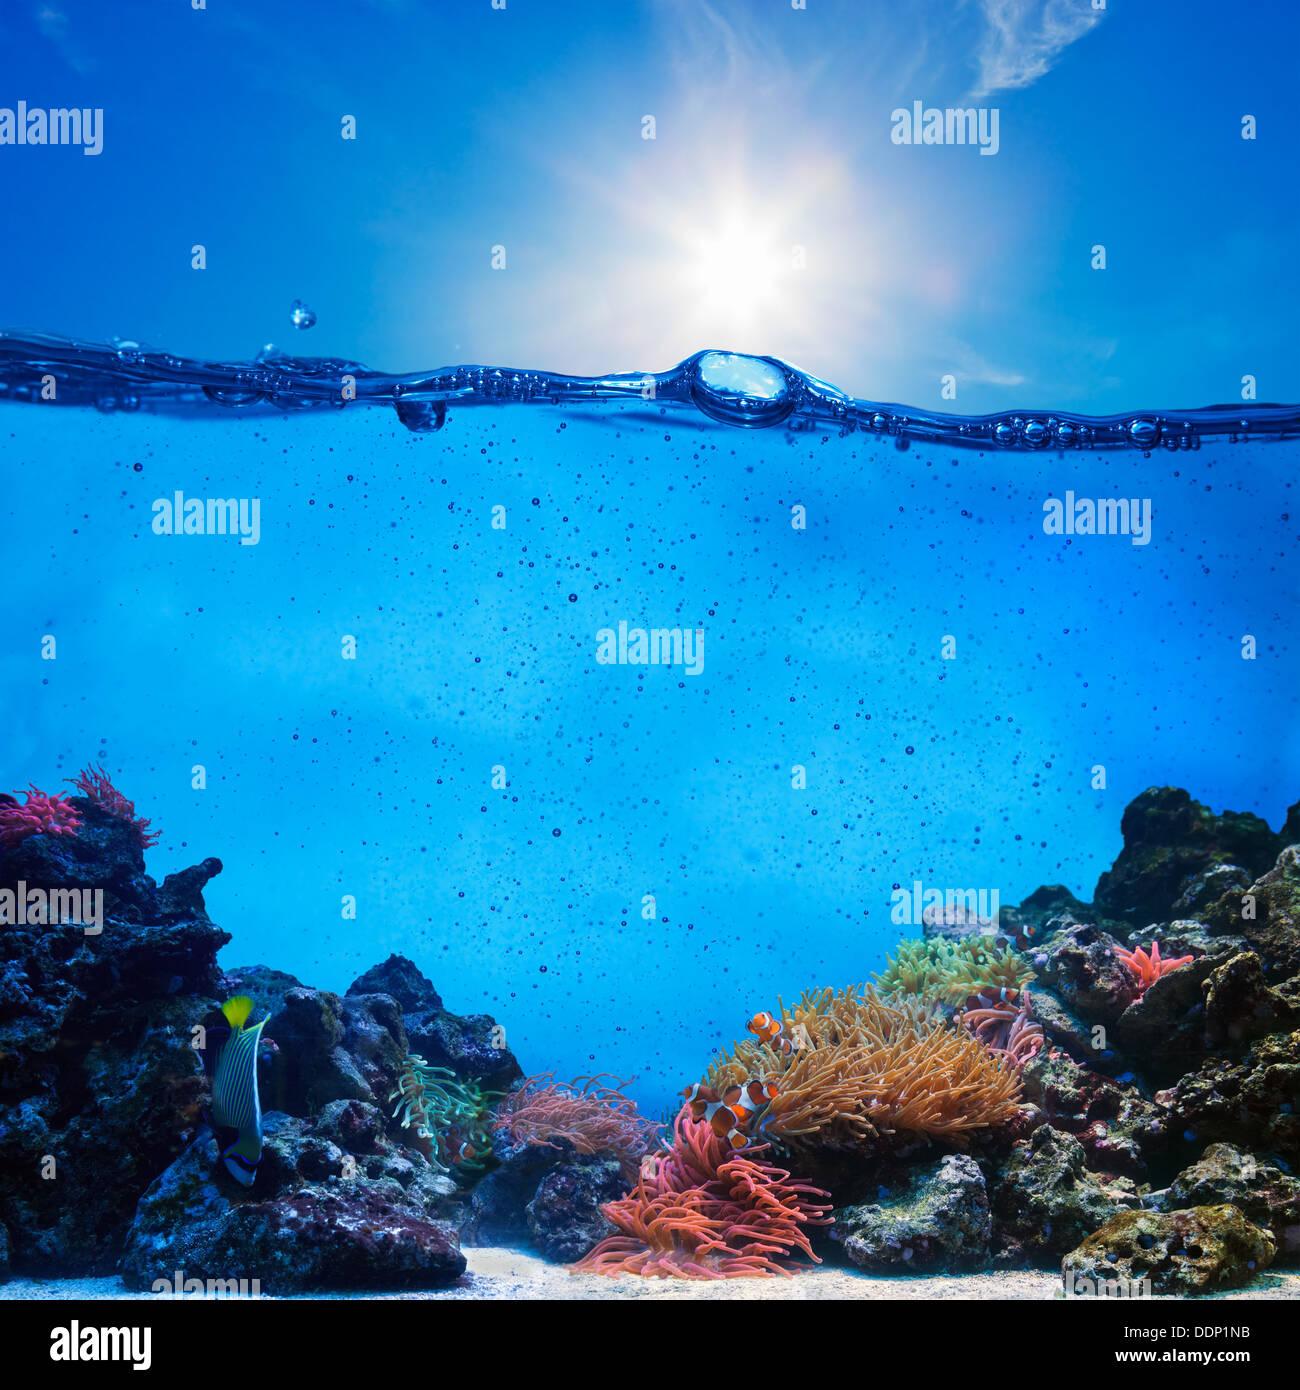 Mezza scena subacquea. Coral reef, blu cielo sereno. Immagini Stock